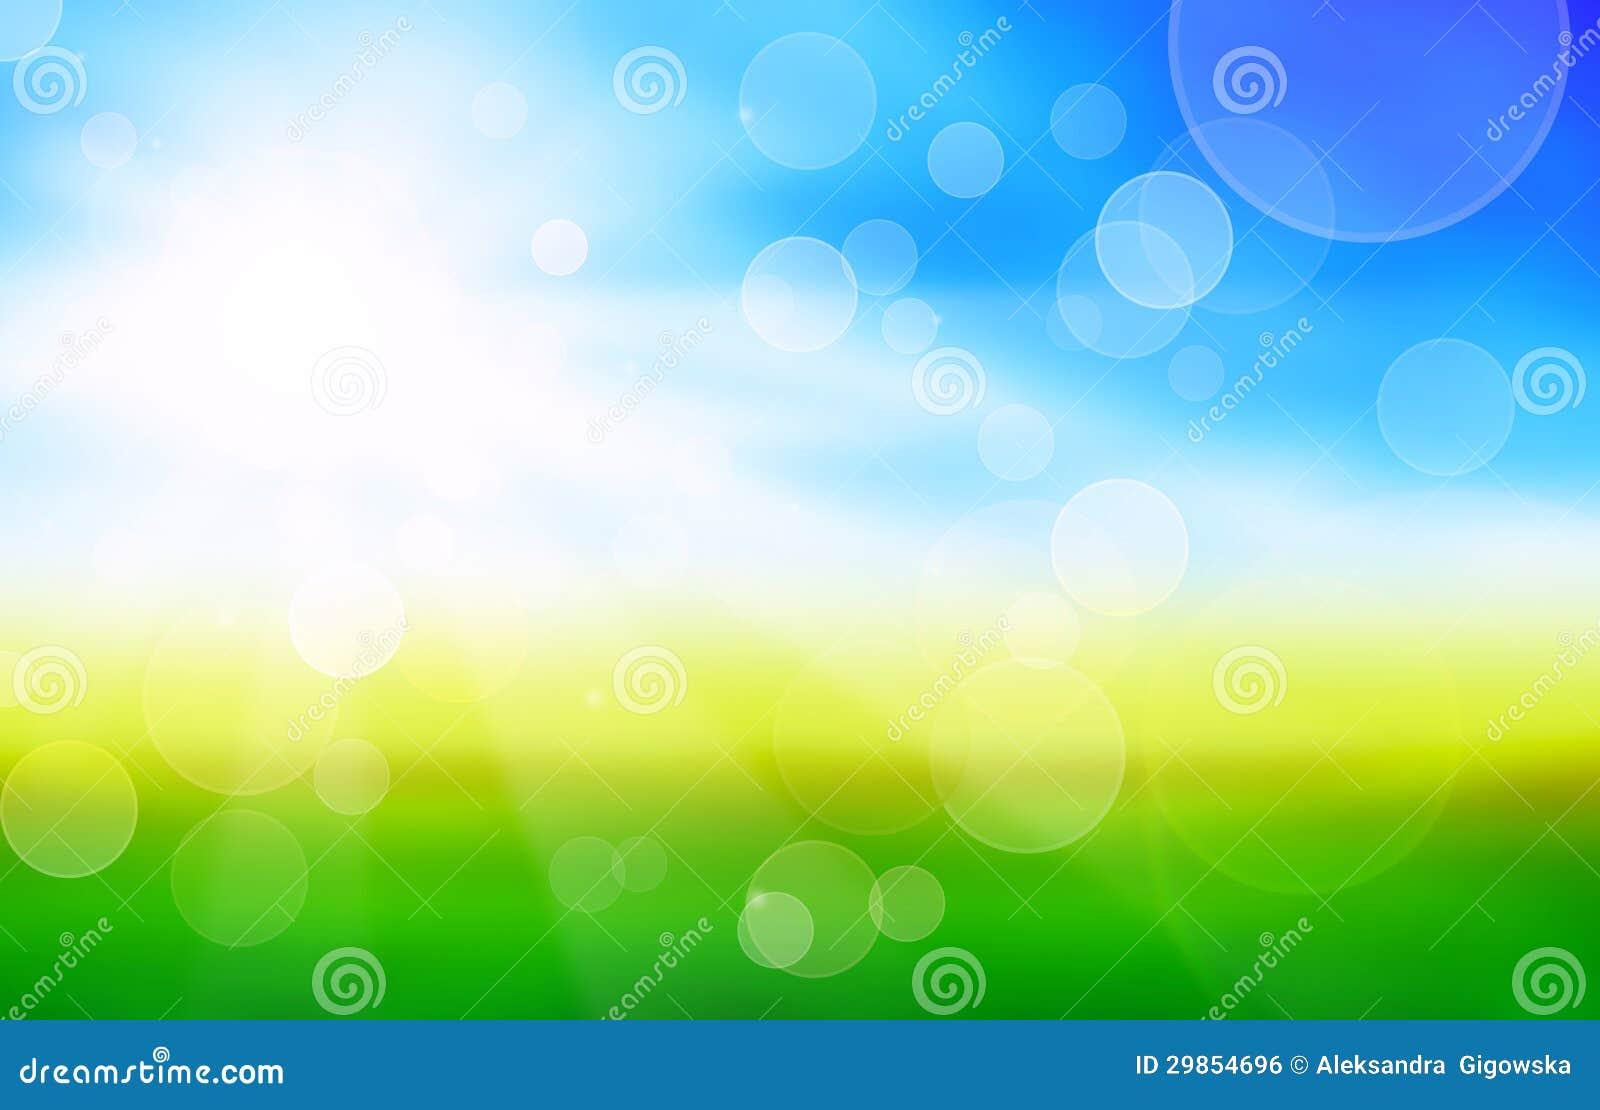 Fondo de la primavera de la sol con los campos verdes